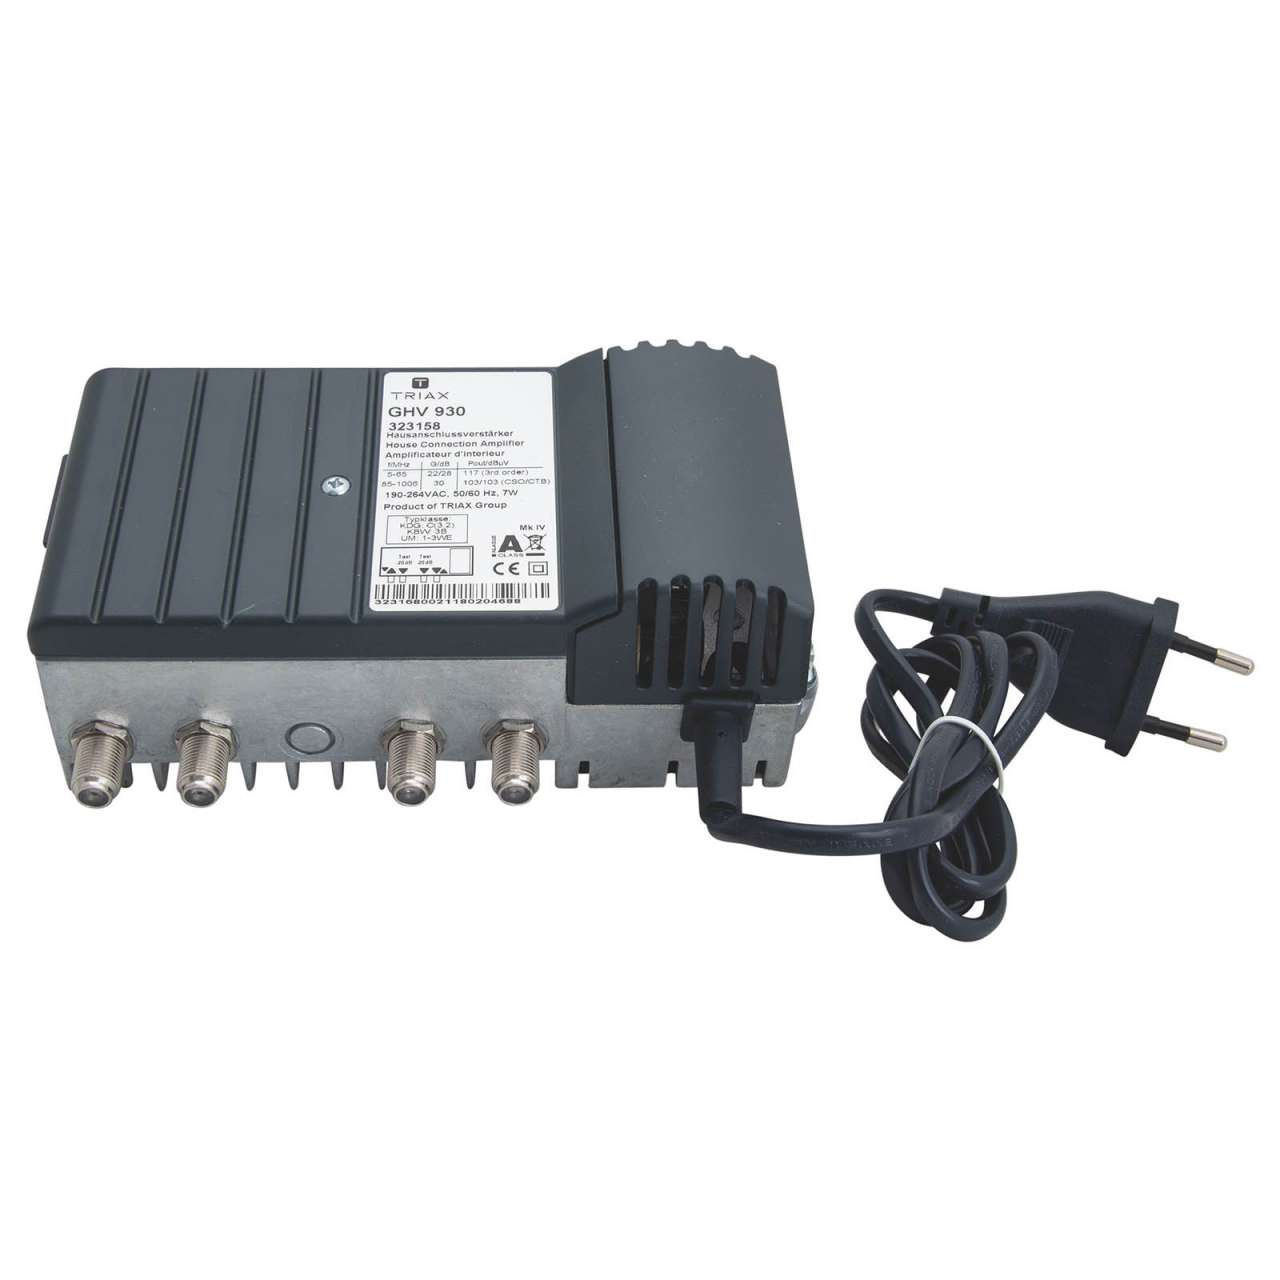 Triax GHV 930 Hausanschlussverstärker mit Rückkanal 30dB (Terrestrisch/Kabel) MONVER003